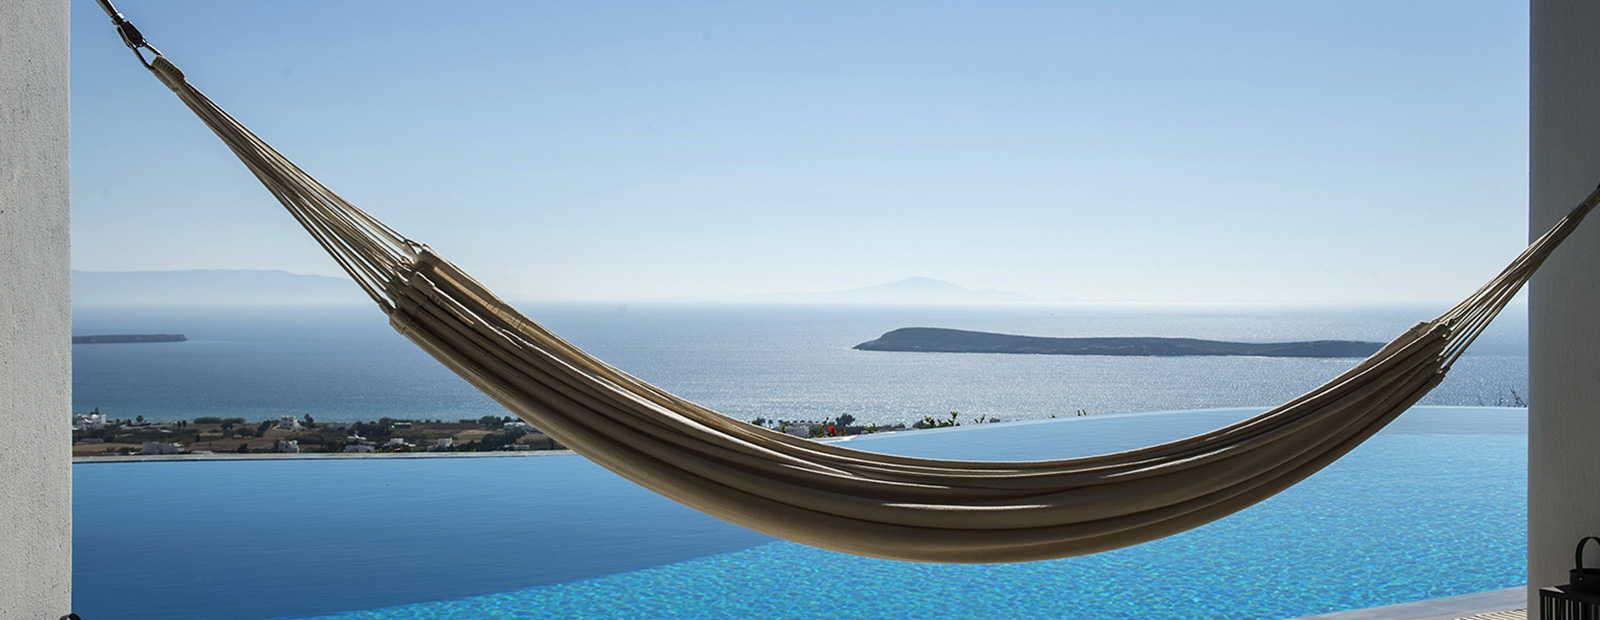 Luxuriöse Ferienvillen auf Paros